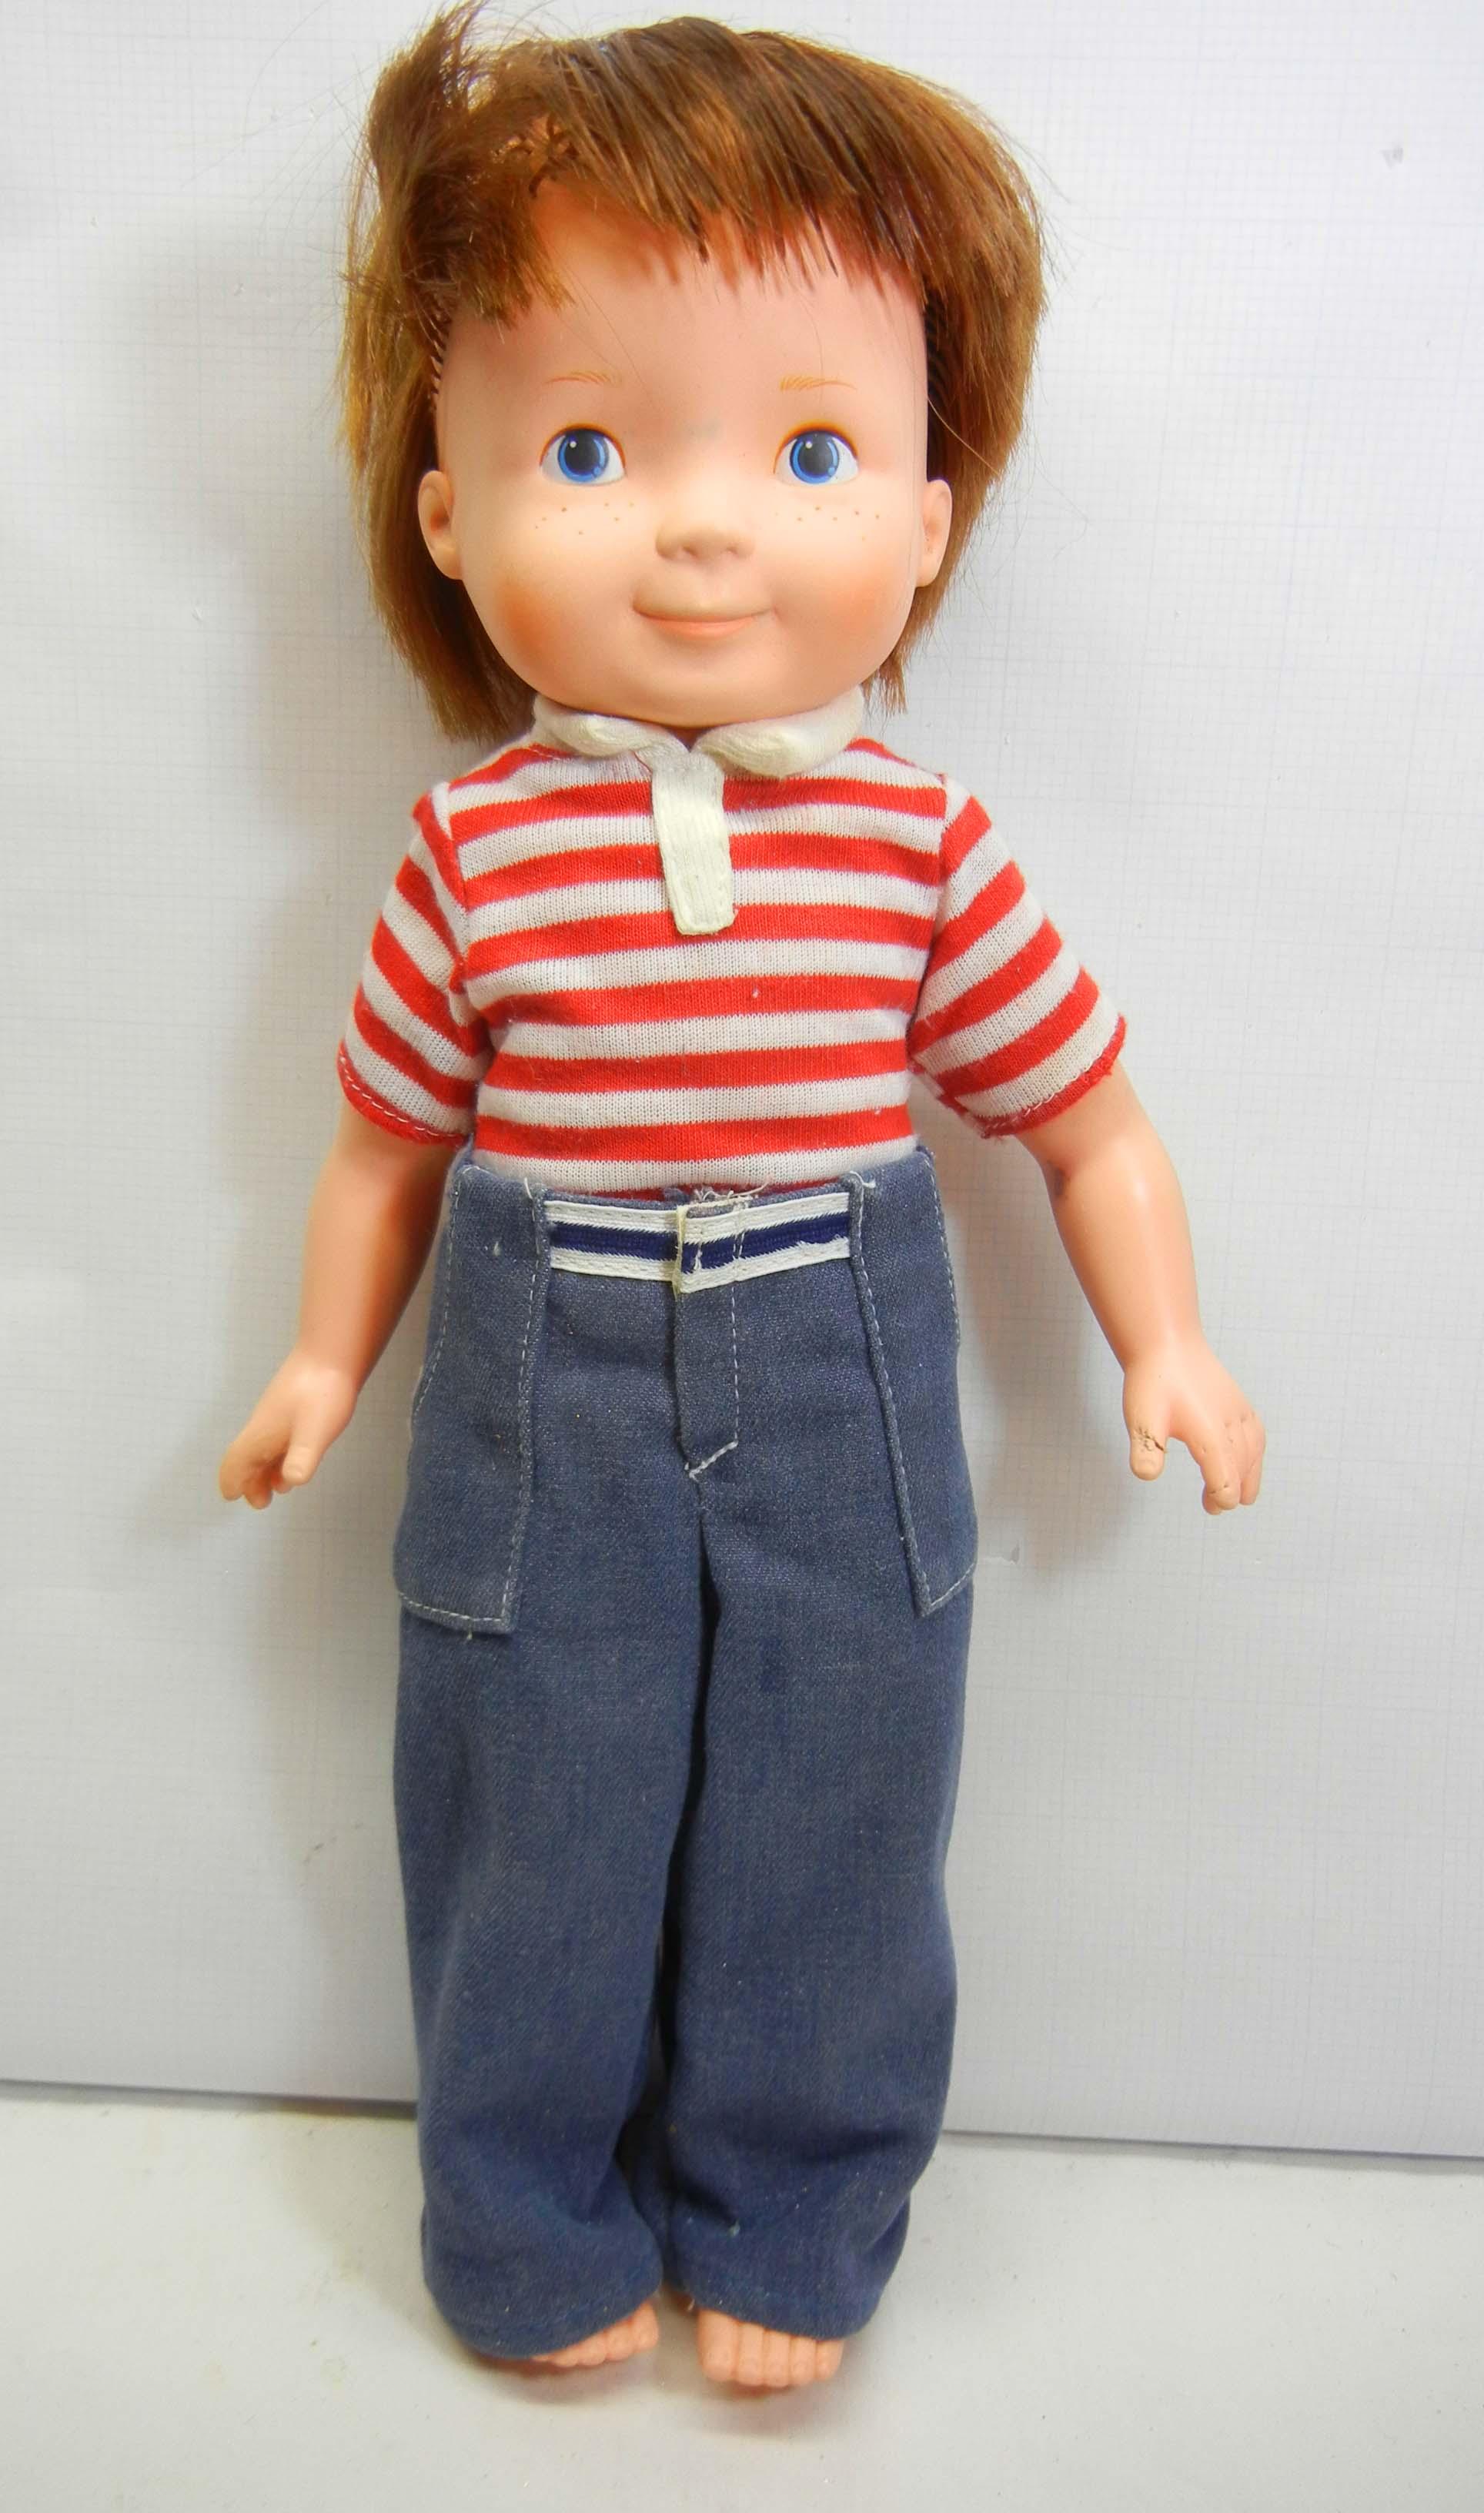 My Friend Dolls: Mikey